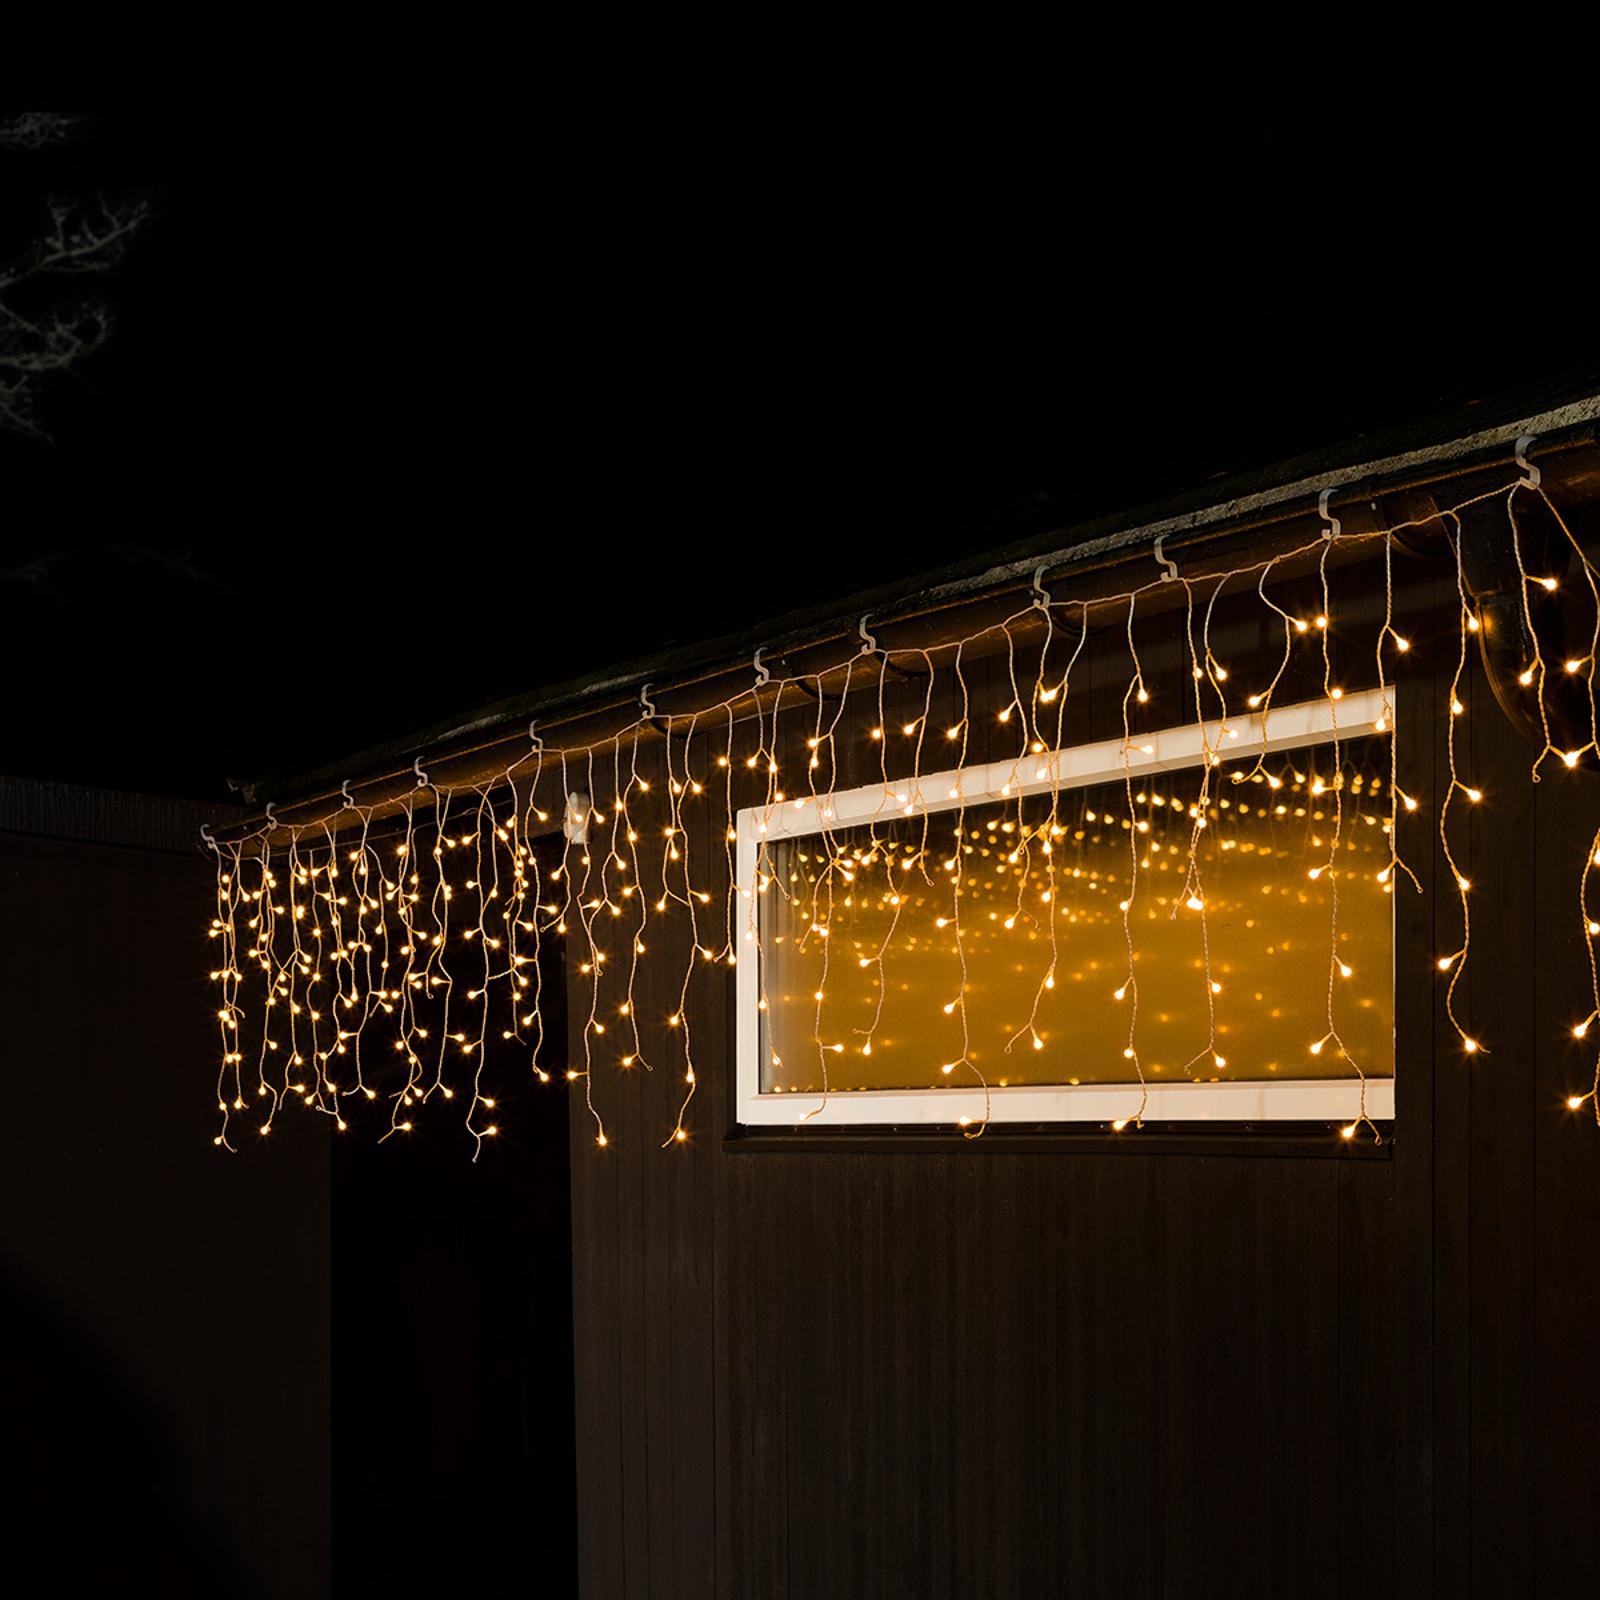 LED-ljusgardin för utomhus, 200 ljus